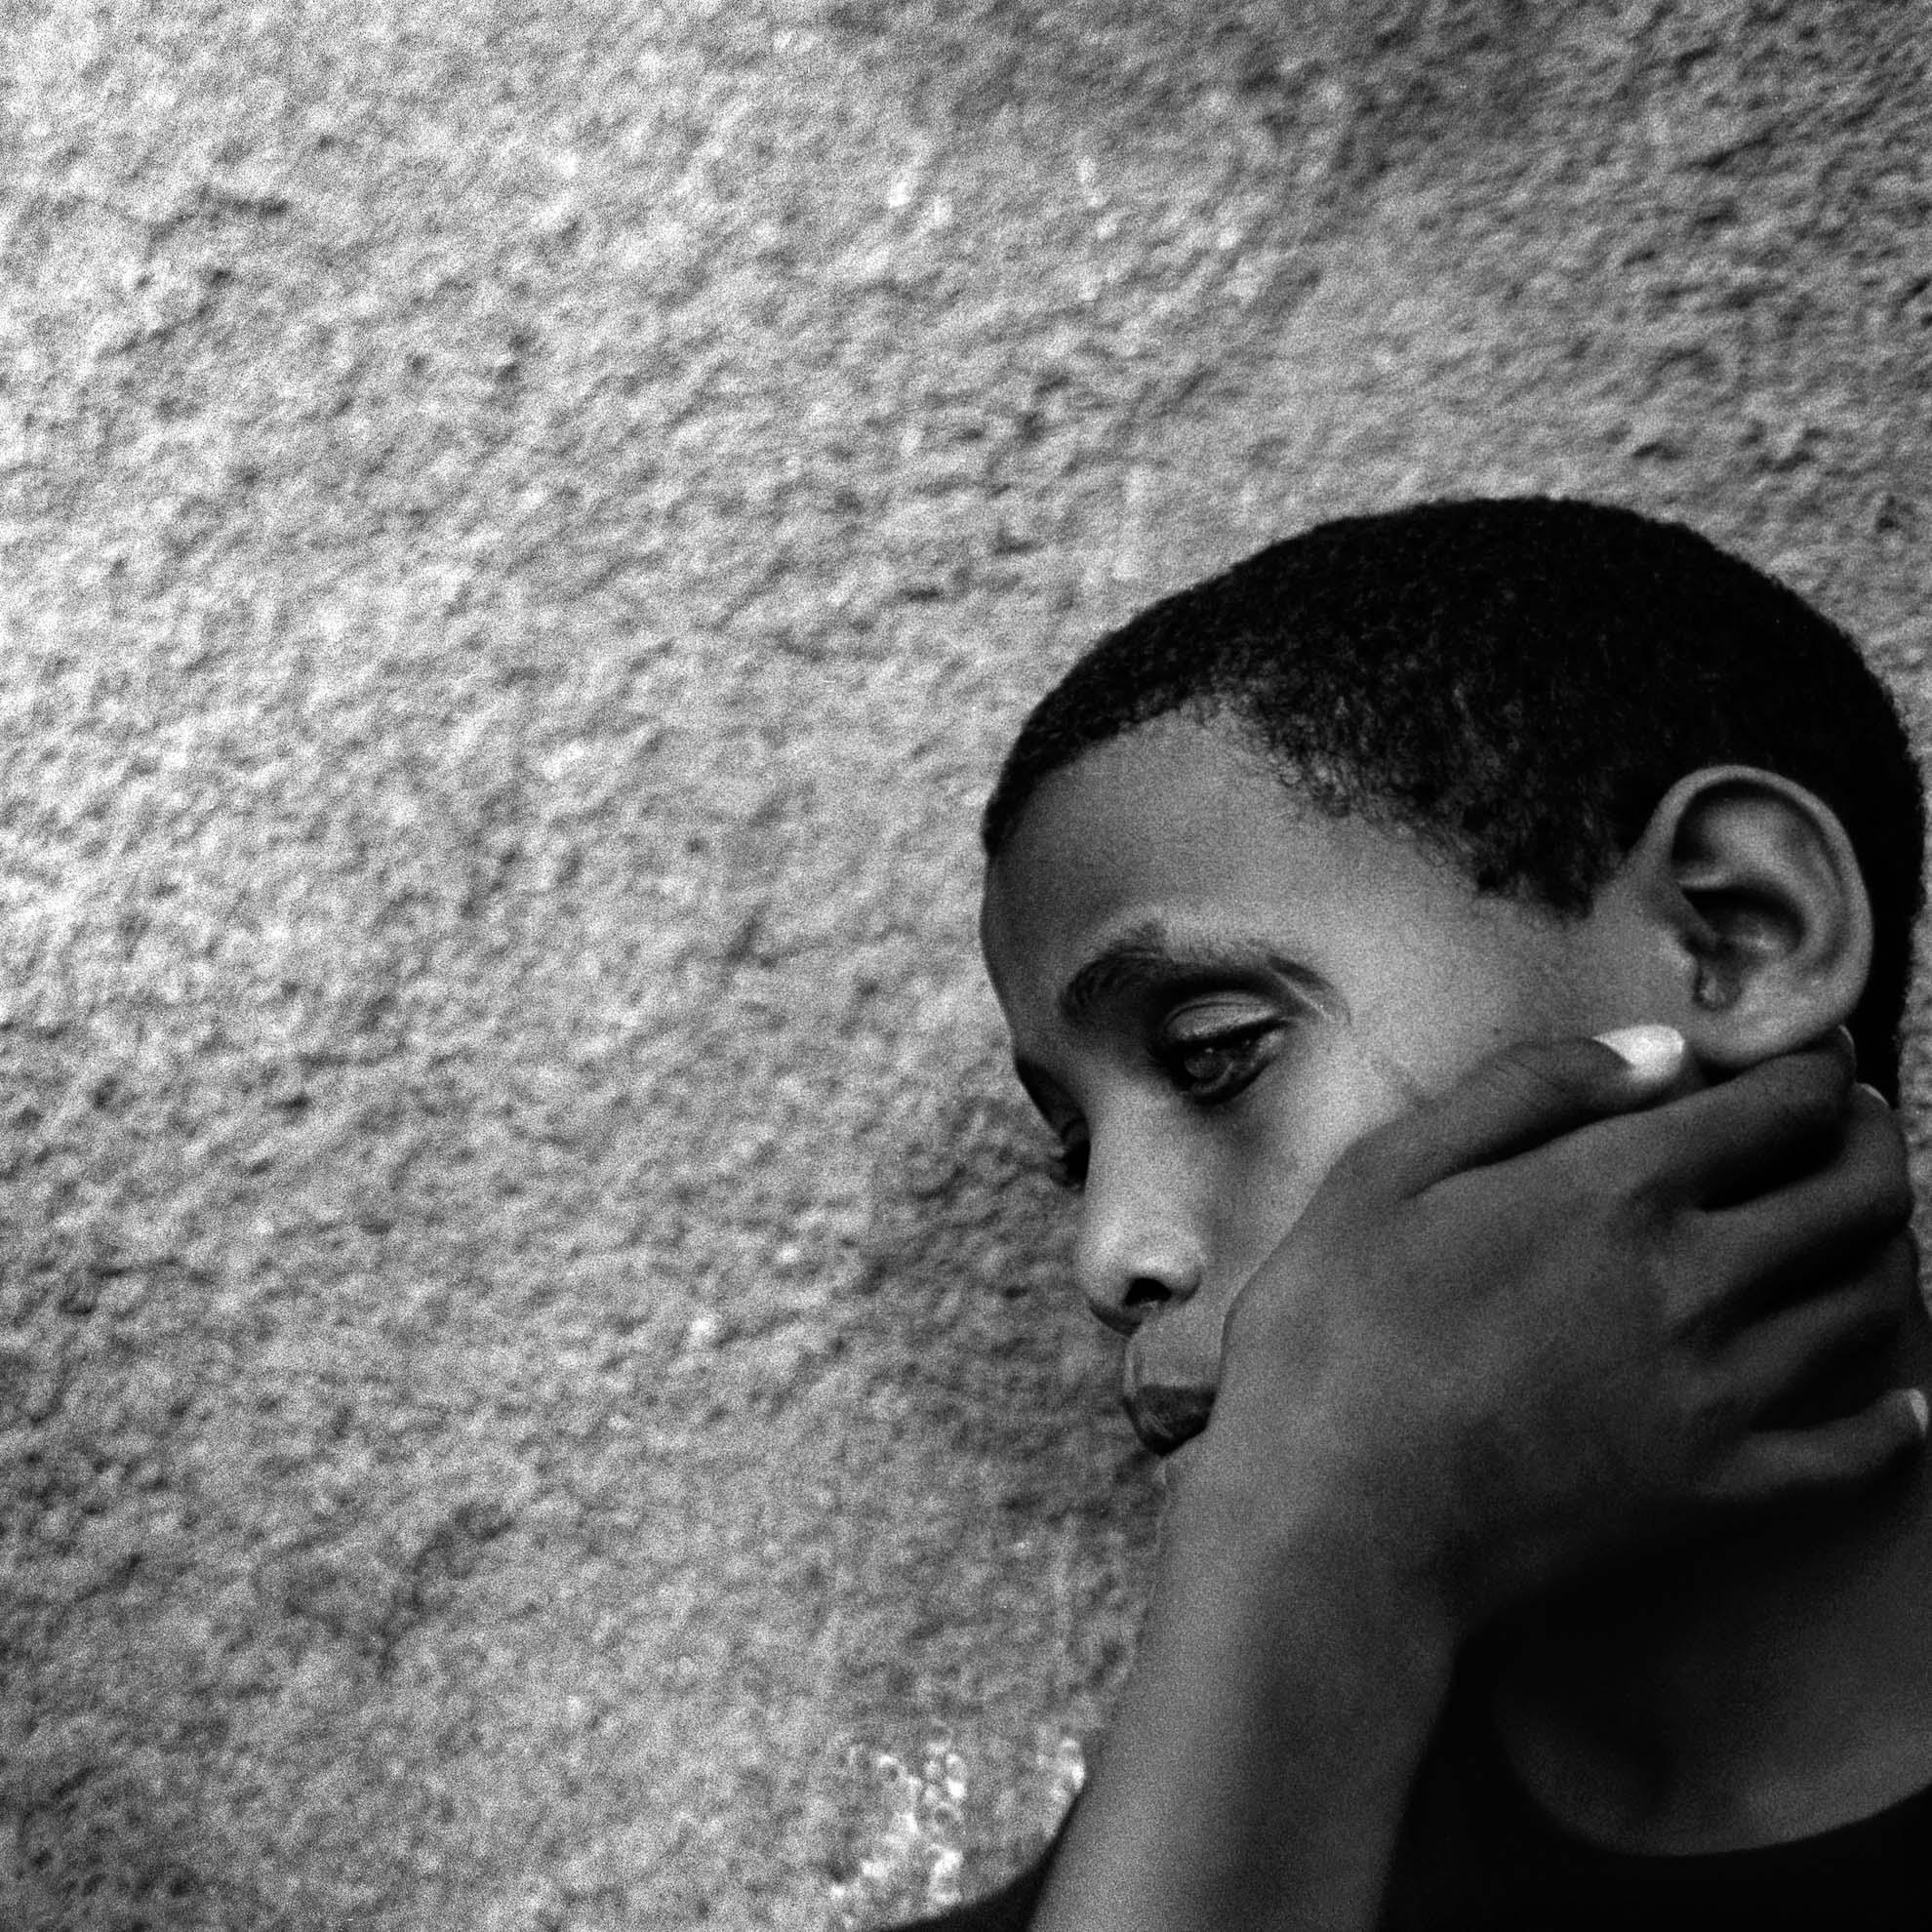 En la escuela para ciegos Wolayta. Soddo, Etiopía. Esta escuela les proporciona una nueva forma de vida y les enseña a ser independientes trabajando en la adquisición de instrumentos de movilidad personal, en la integración en la vida social y laboral y ofreciéndoles la asistencia médica necesaria.